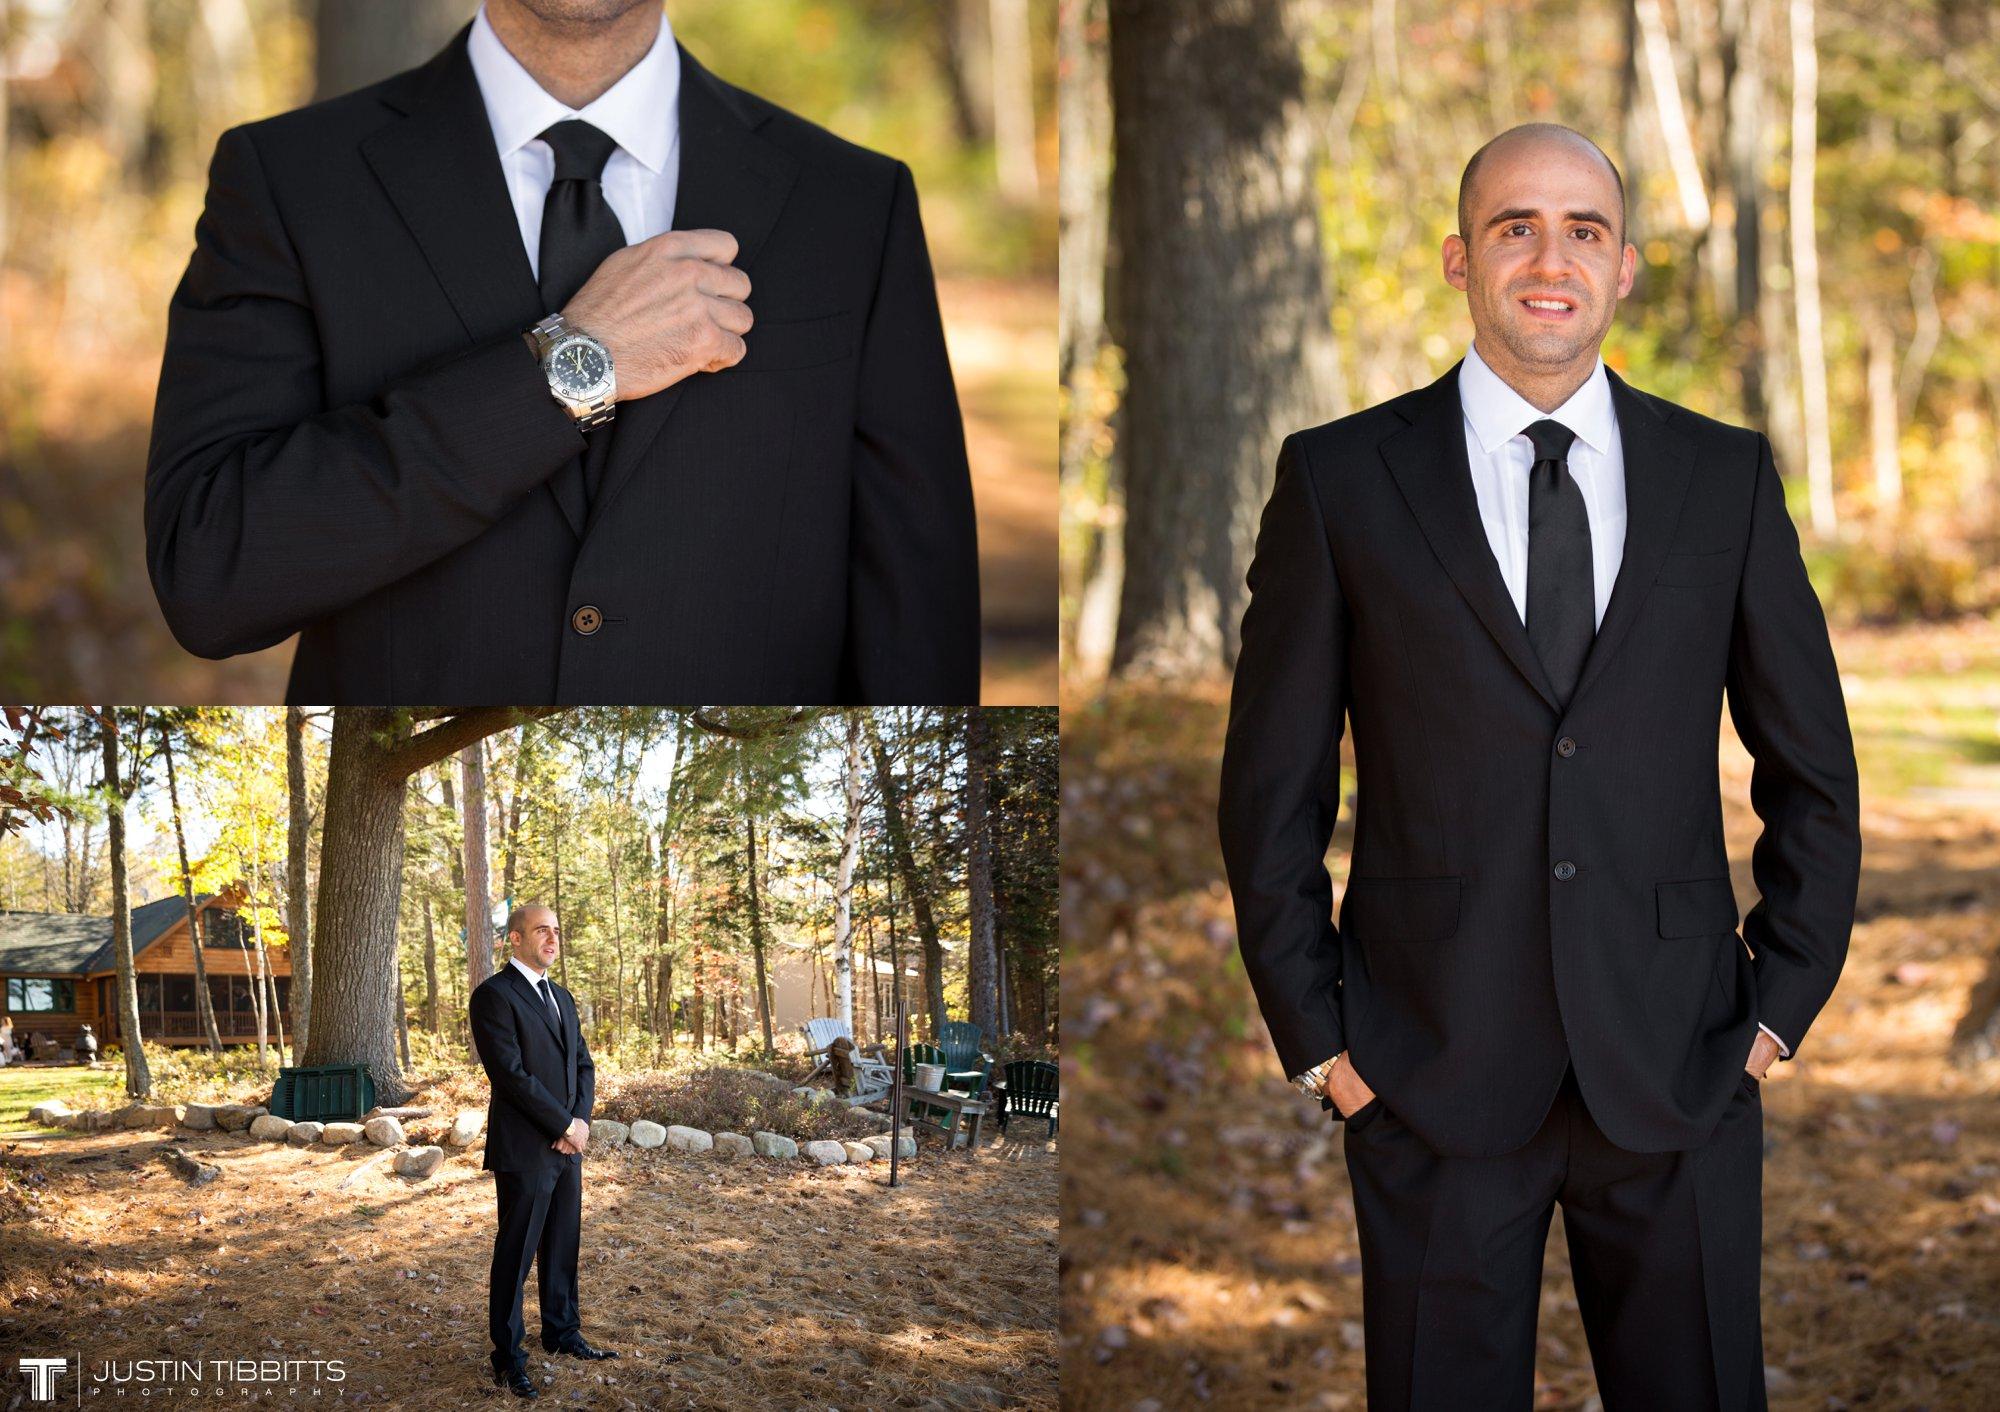 Albany NY Wedding Photographer Justin Tibbitts Photography 2014 Best of Albany NY Weddings-3281838